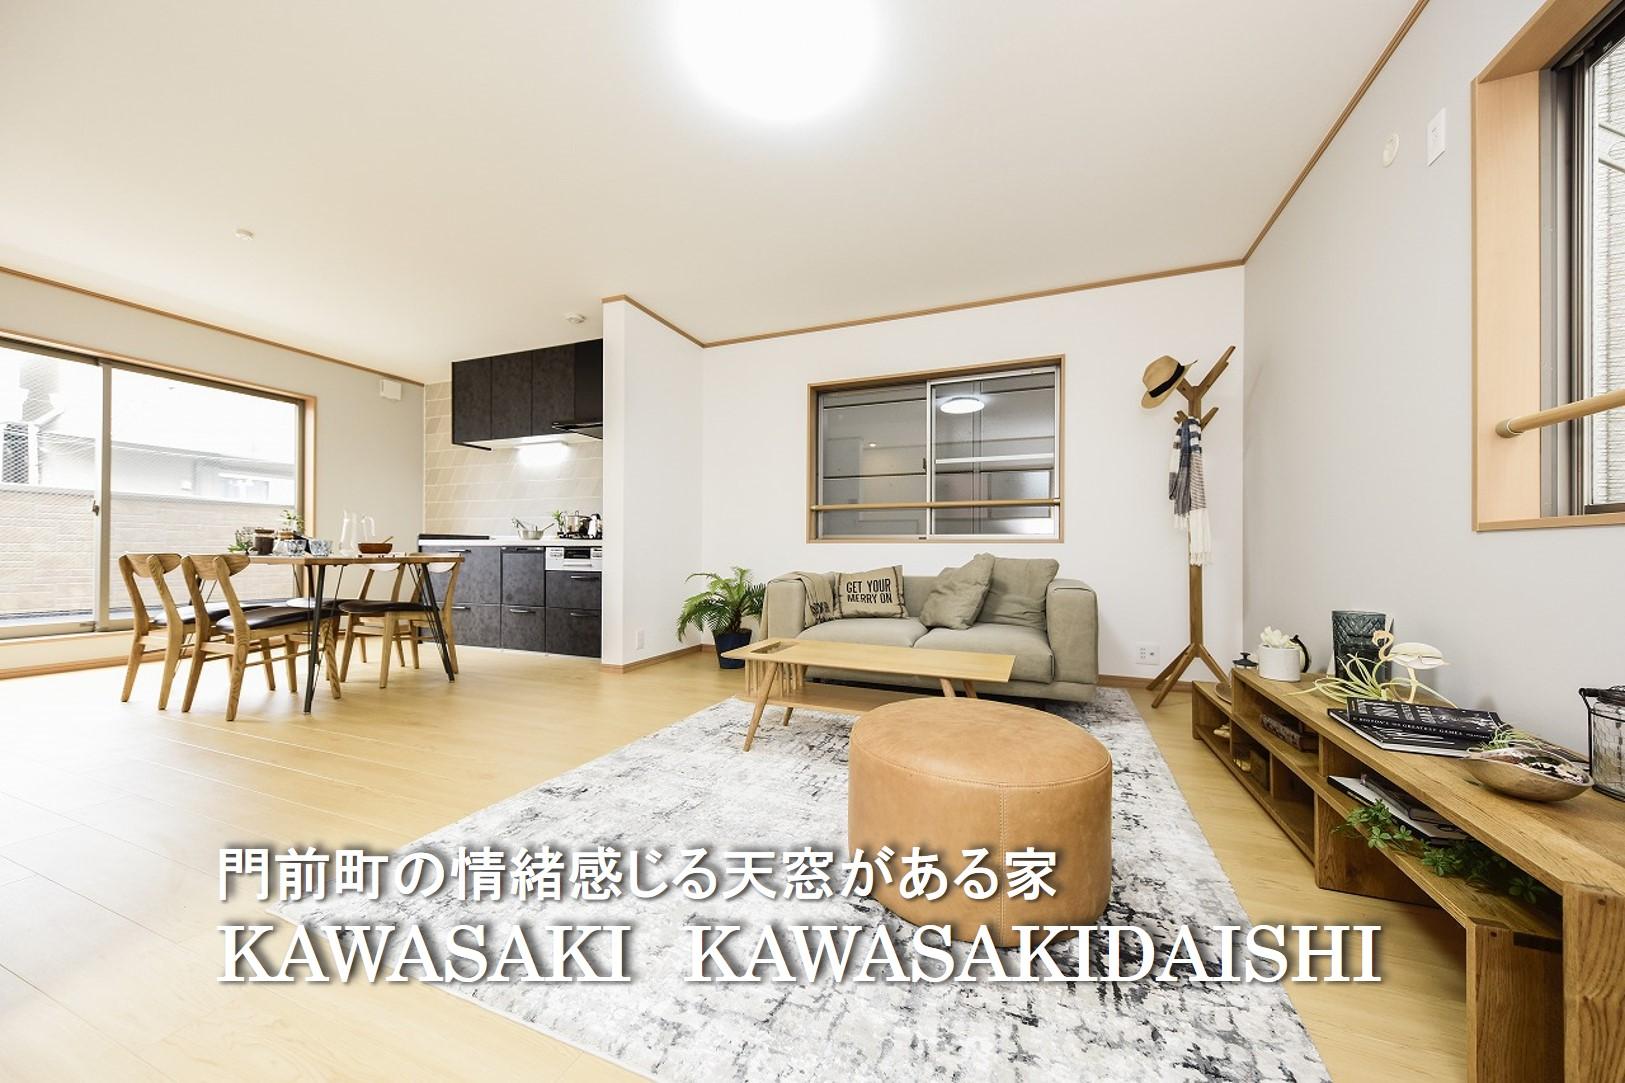 門前町の情緒感じる天窓がある家|KAWASAKI KAWASAKIDAISHI